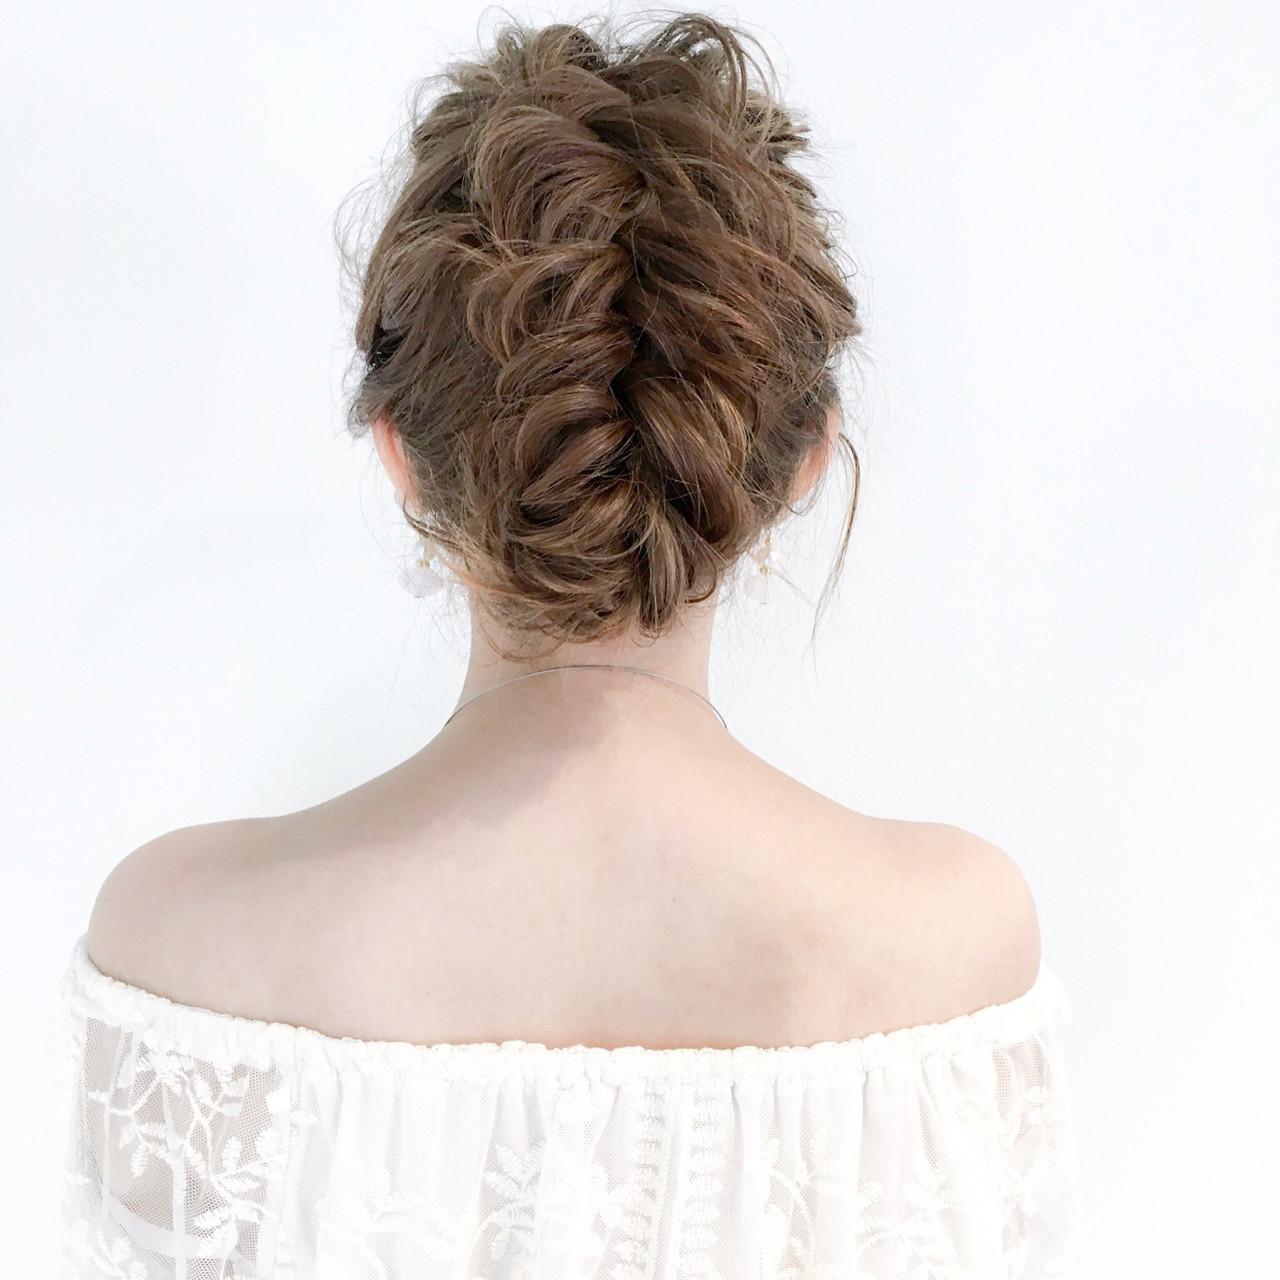 エレガント ヘアアレンジ フィッシュボーン セミロング ヘアスタイルや髪型の写真・画像